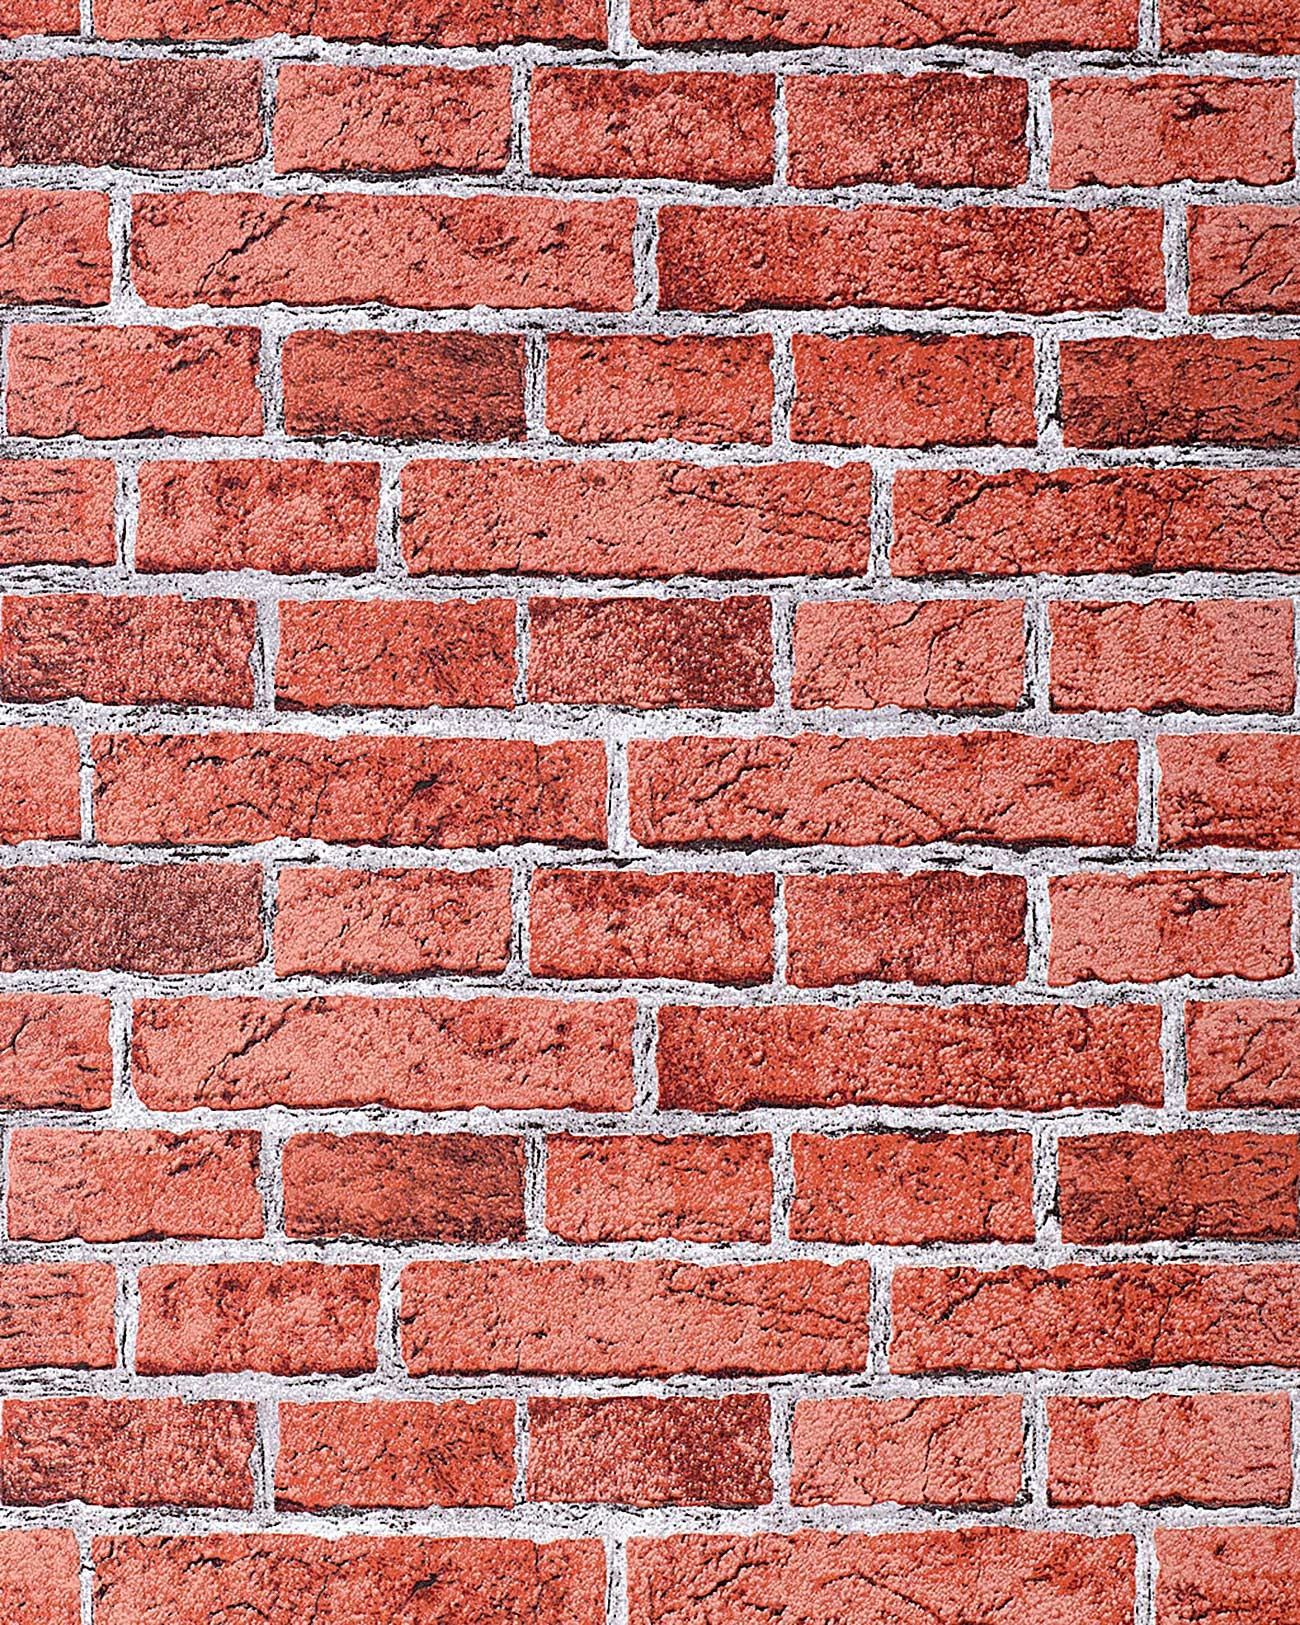 Papier peint design vintage rustique edem 583 24 aspect mur de briques bric - Photo de mur en brique ...